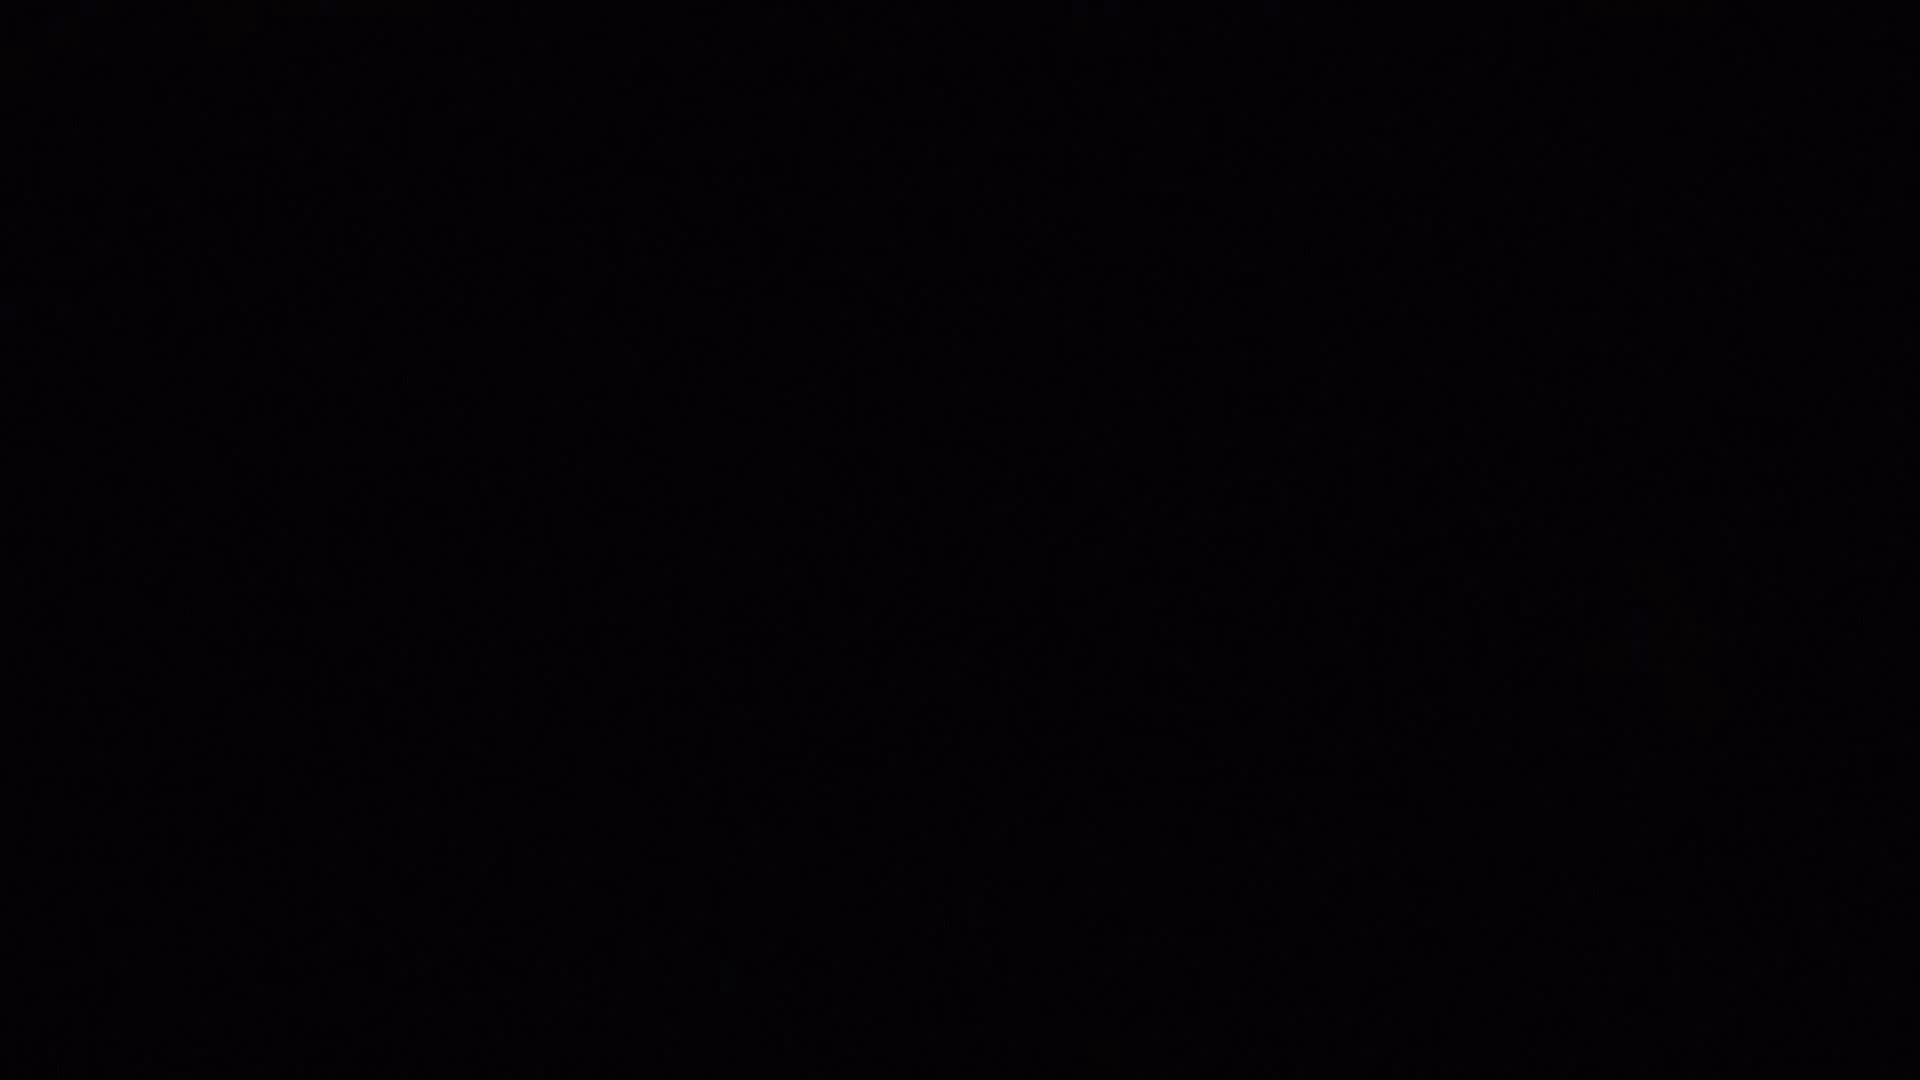 民家の騎士さんの最後の性戦ハイビジョン!!No.57 プライベート  72画像 60